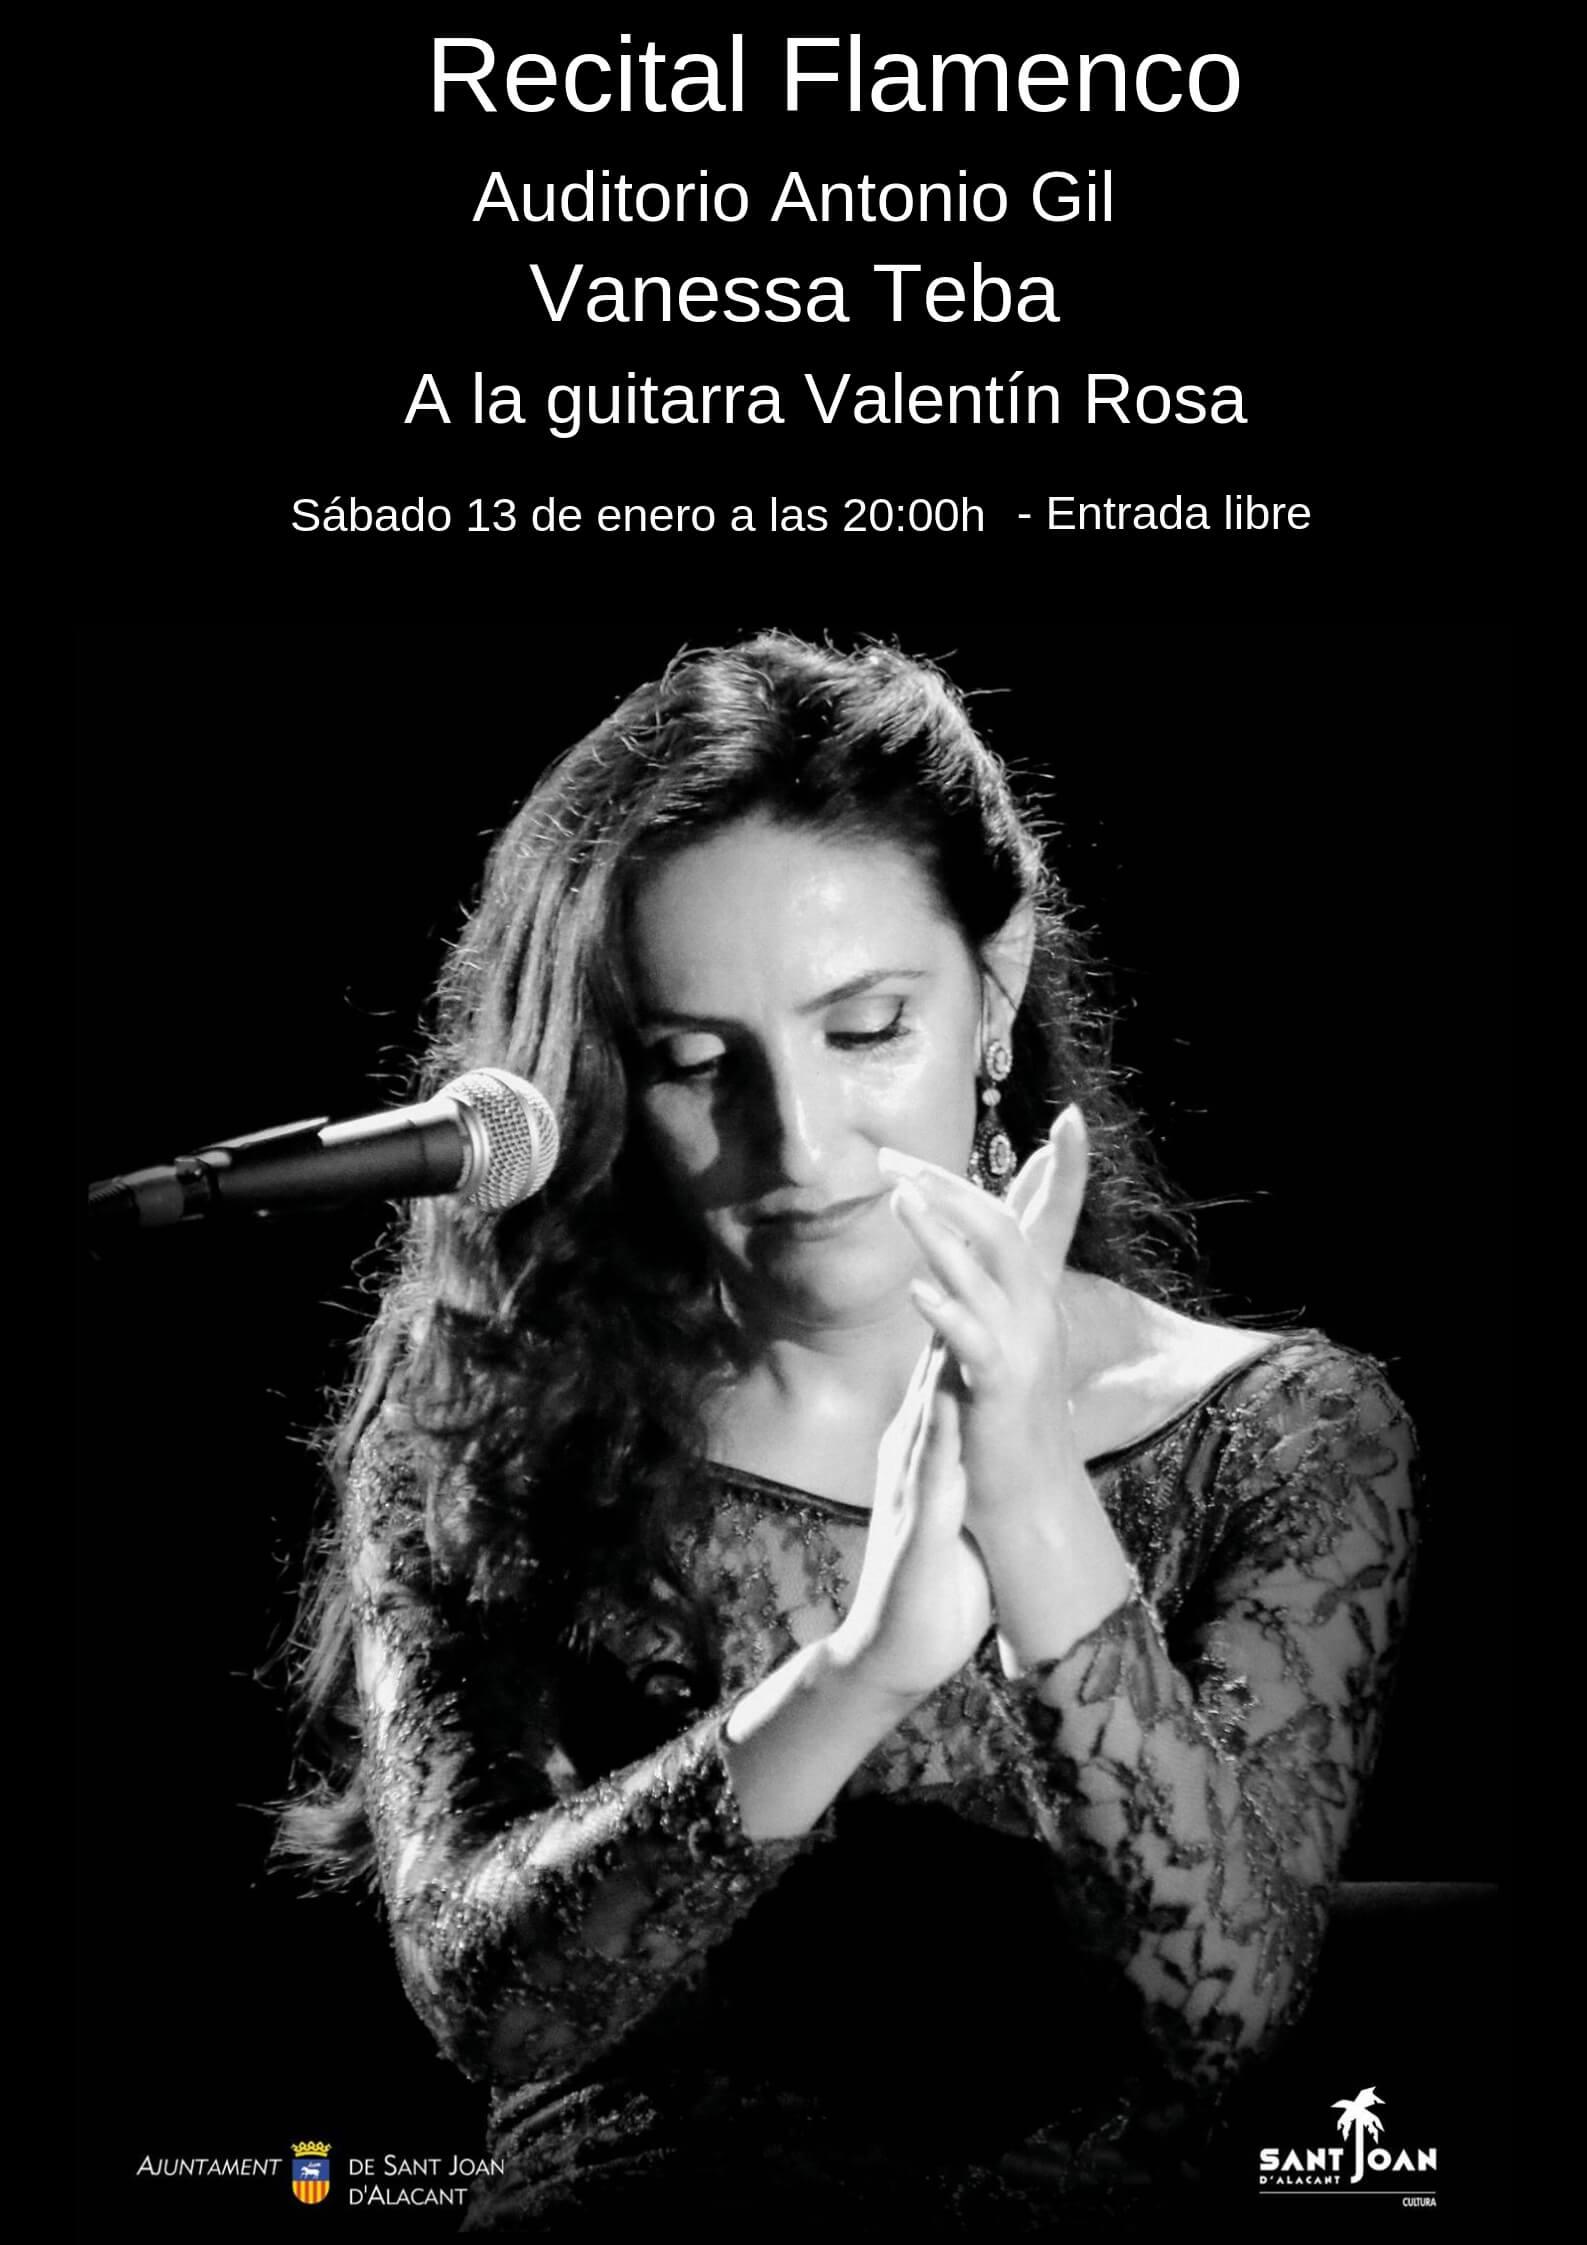 Recital Flamenco Vanessa Teba